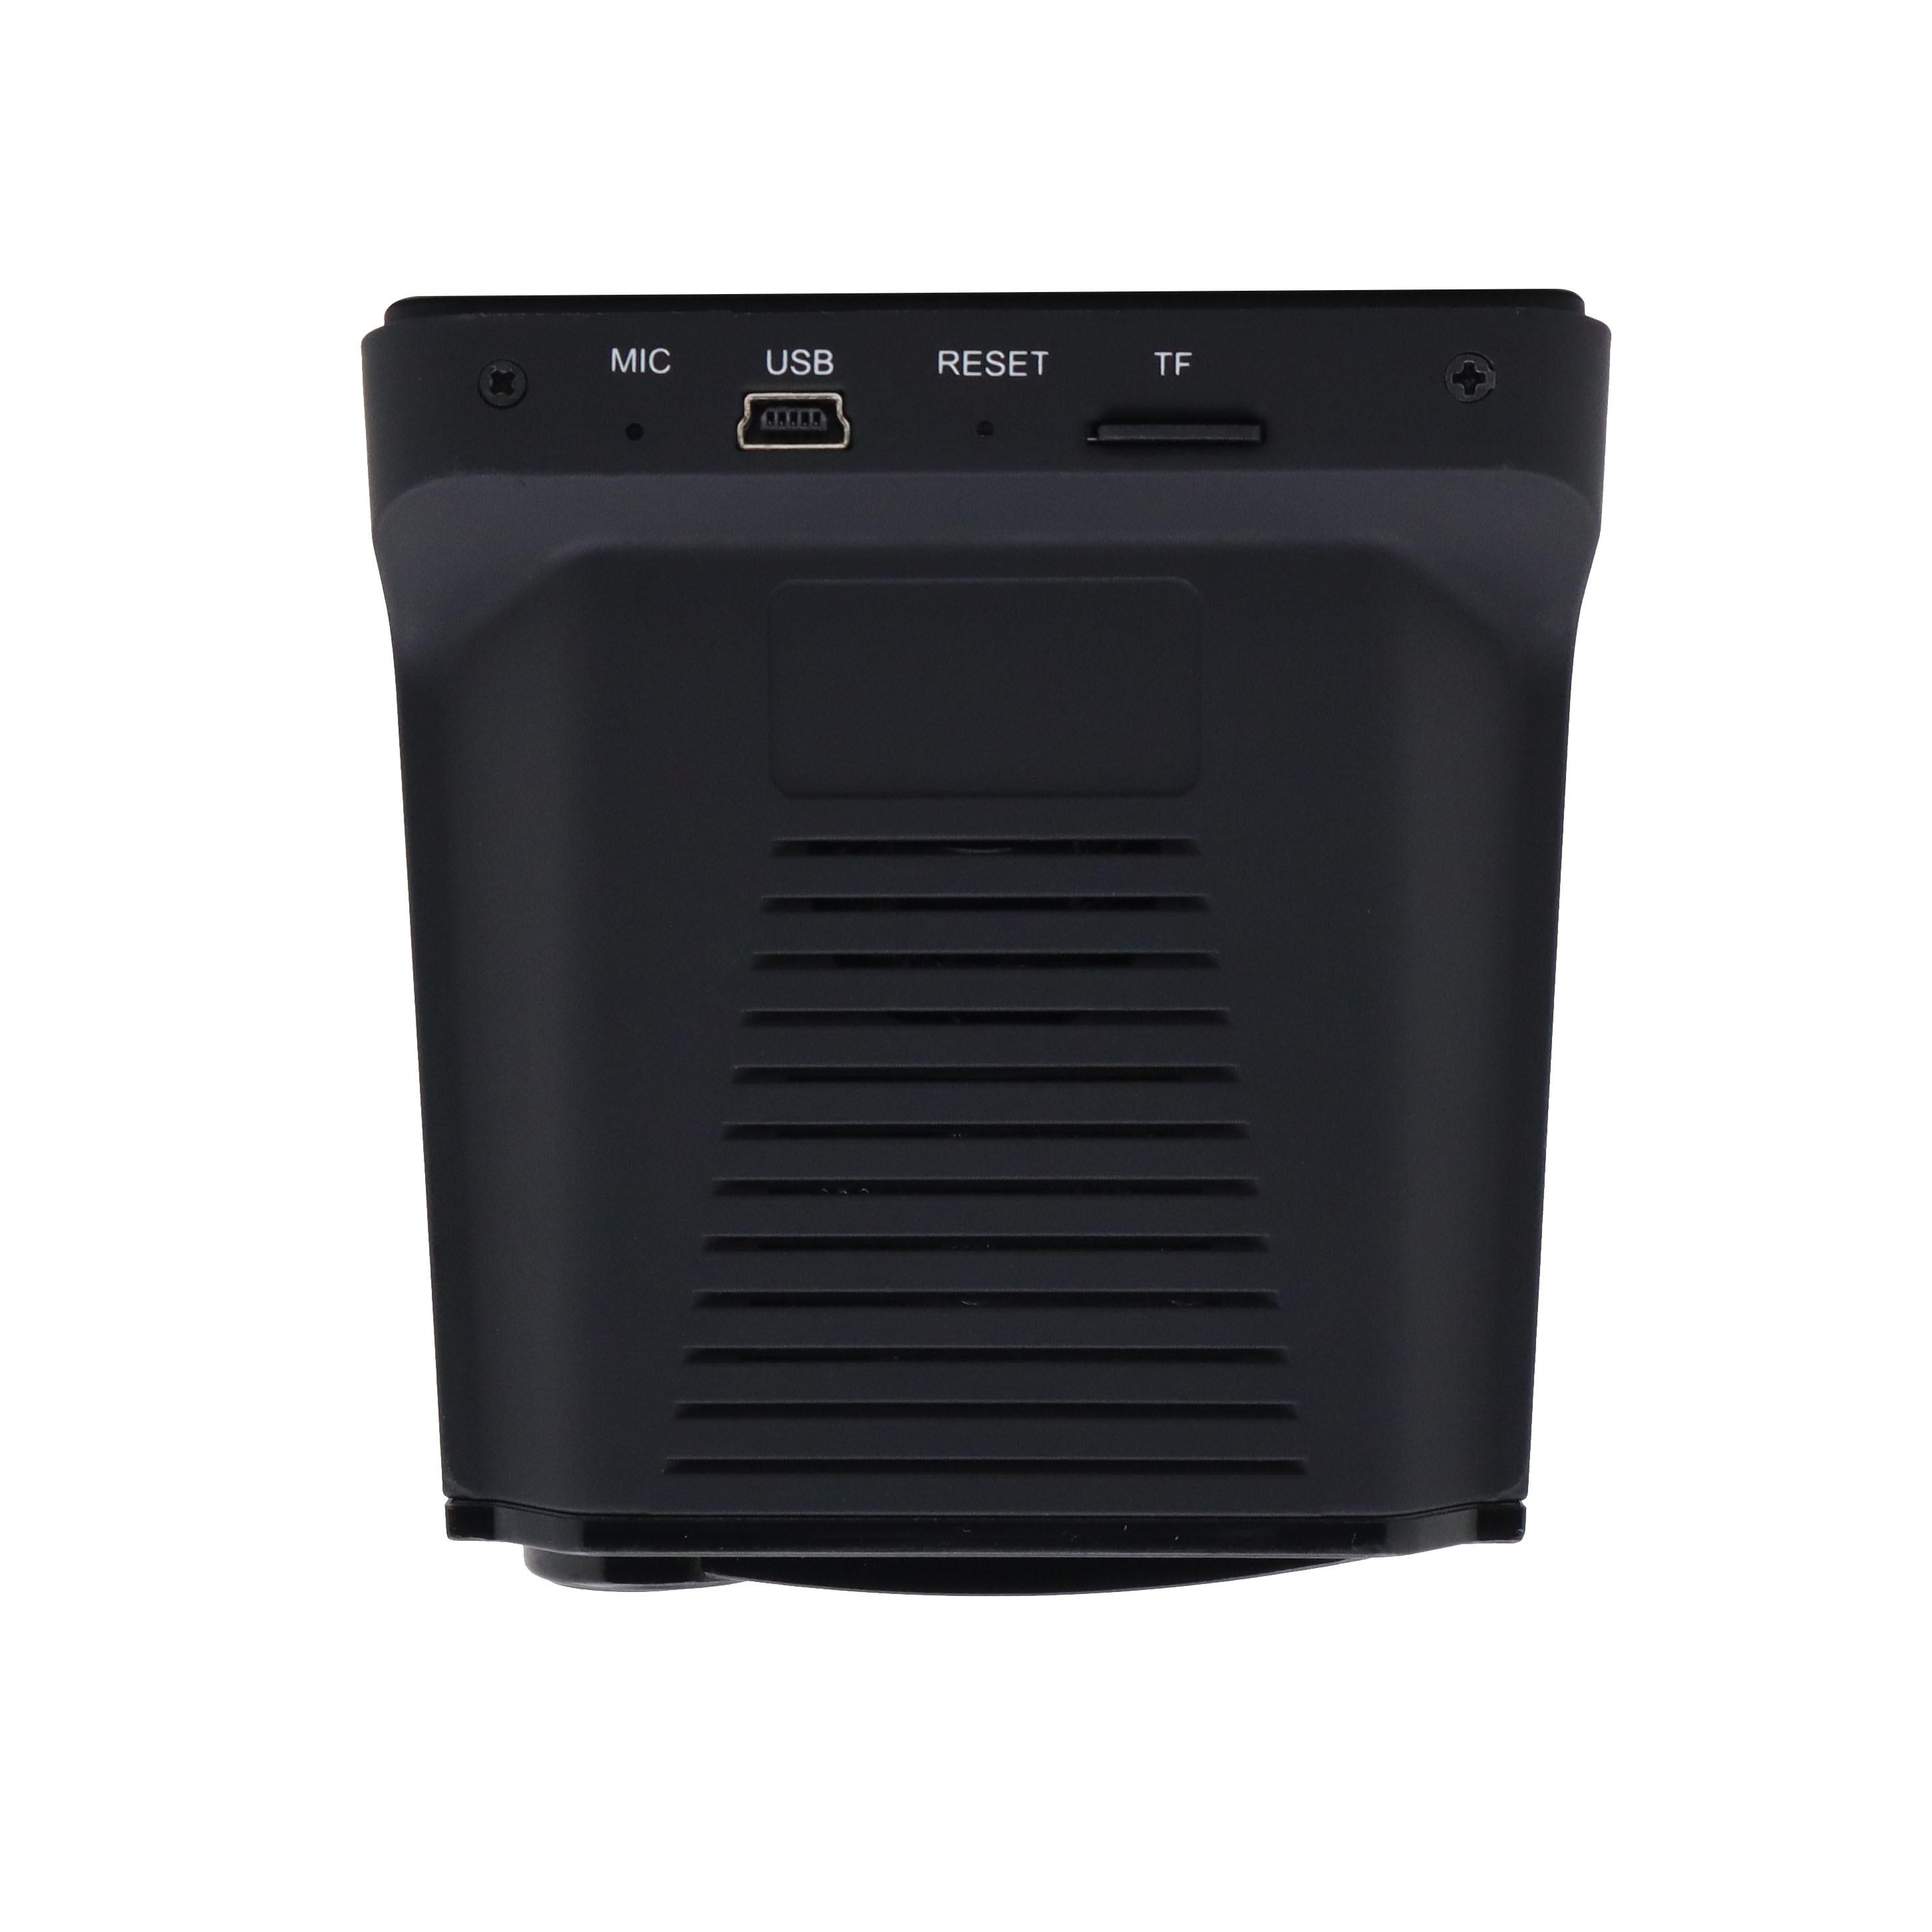 Detector de radar 3 em 1 câmera do carro dvr gps registrador traço cam detector de radar 3 polegada ips display para a rússia laser 1080p detector - 4